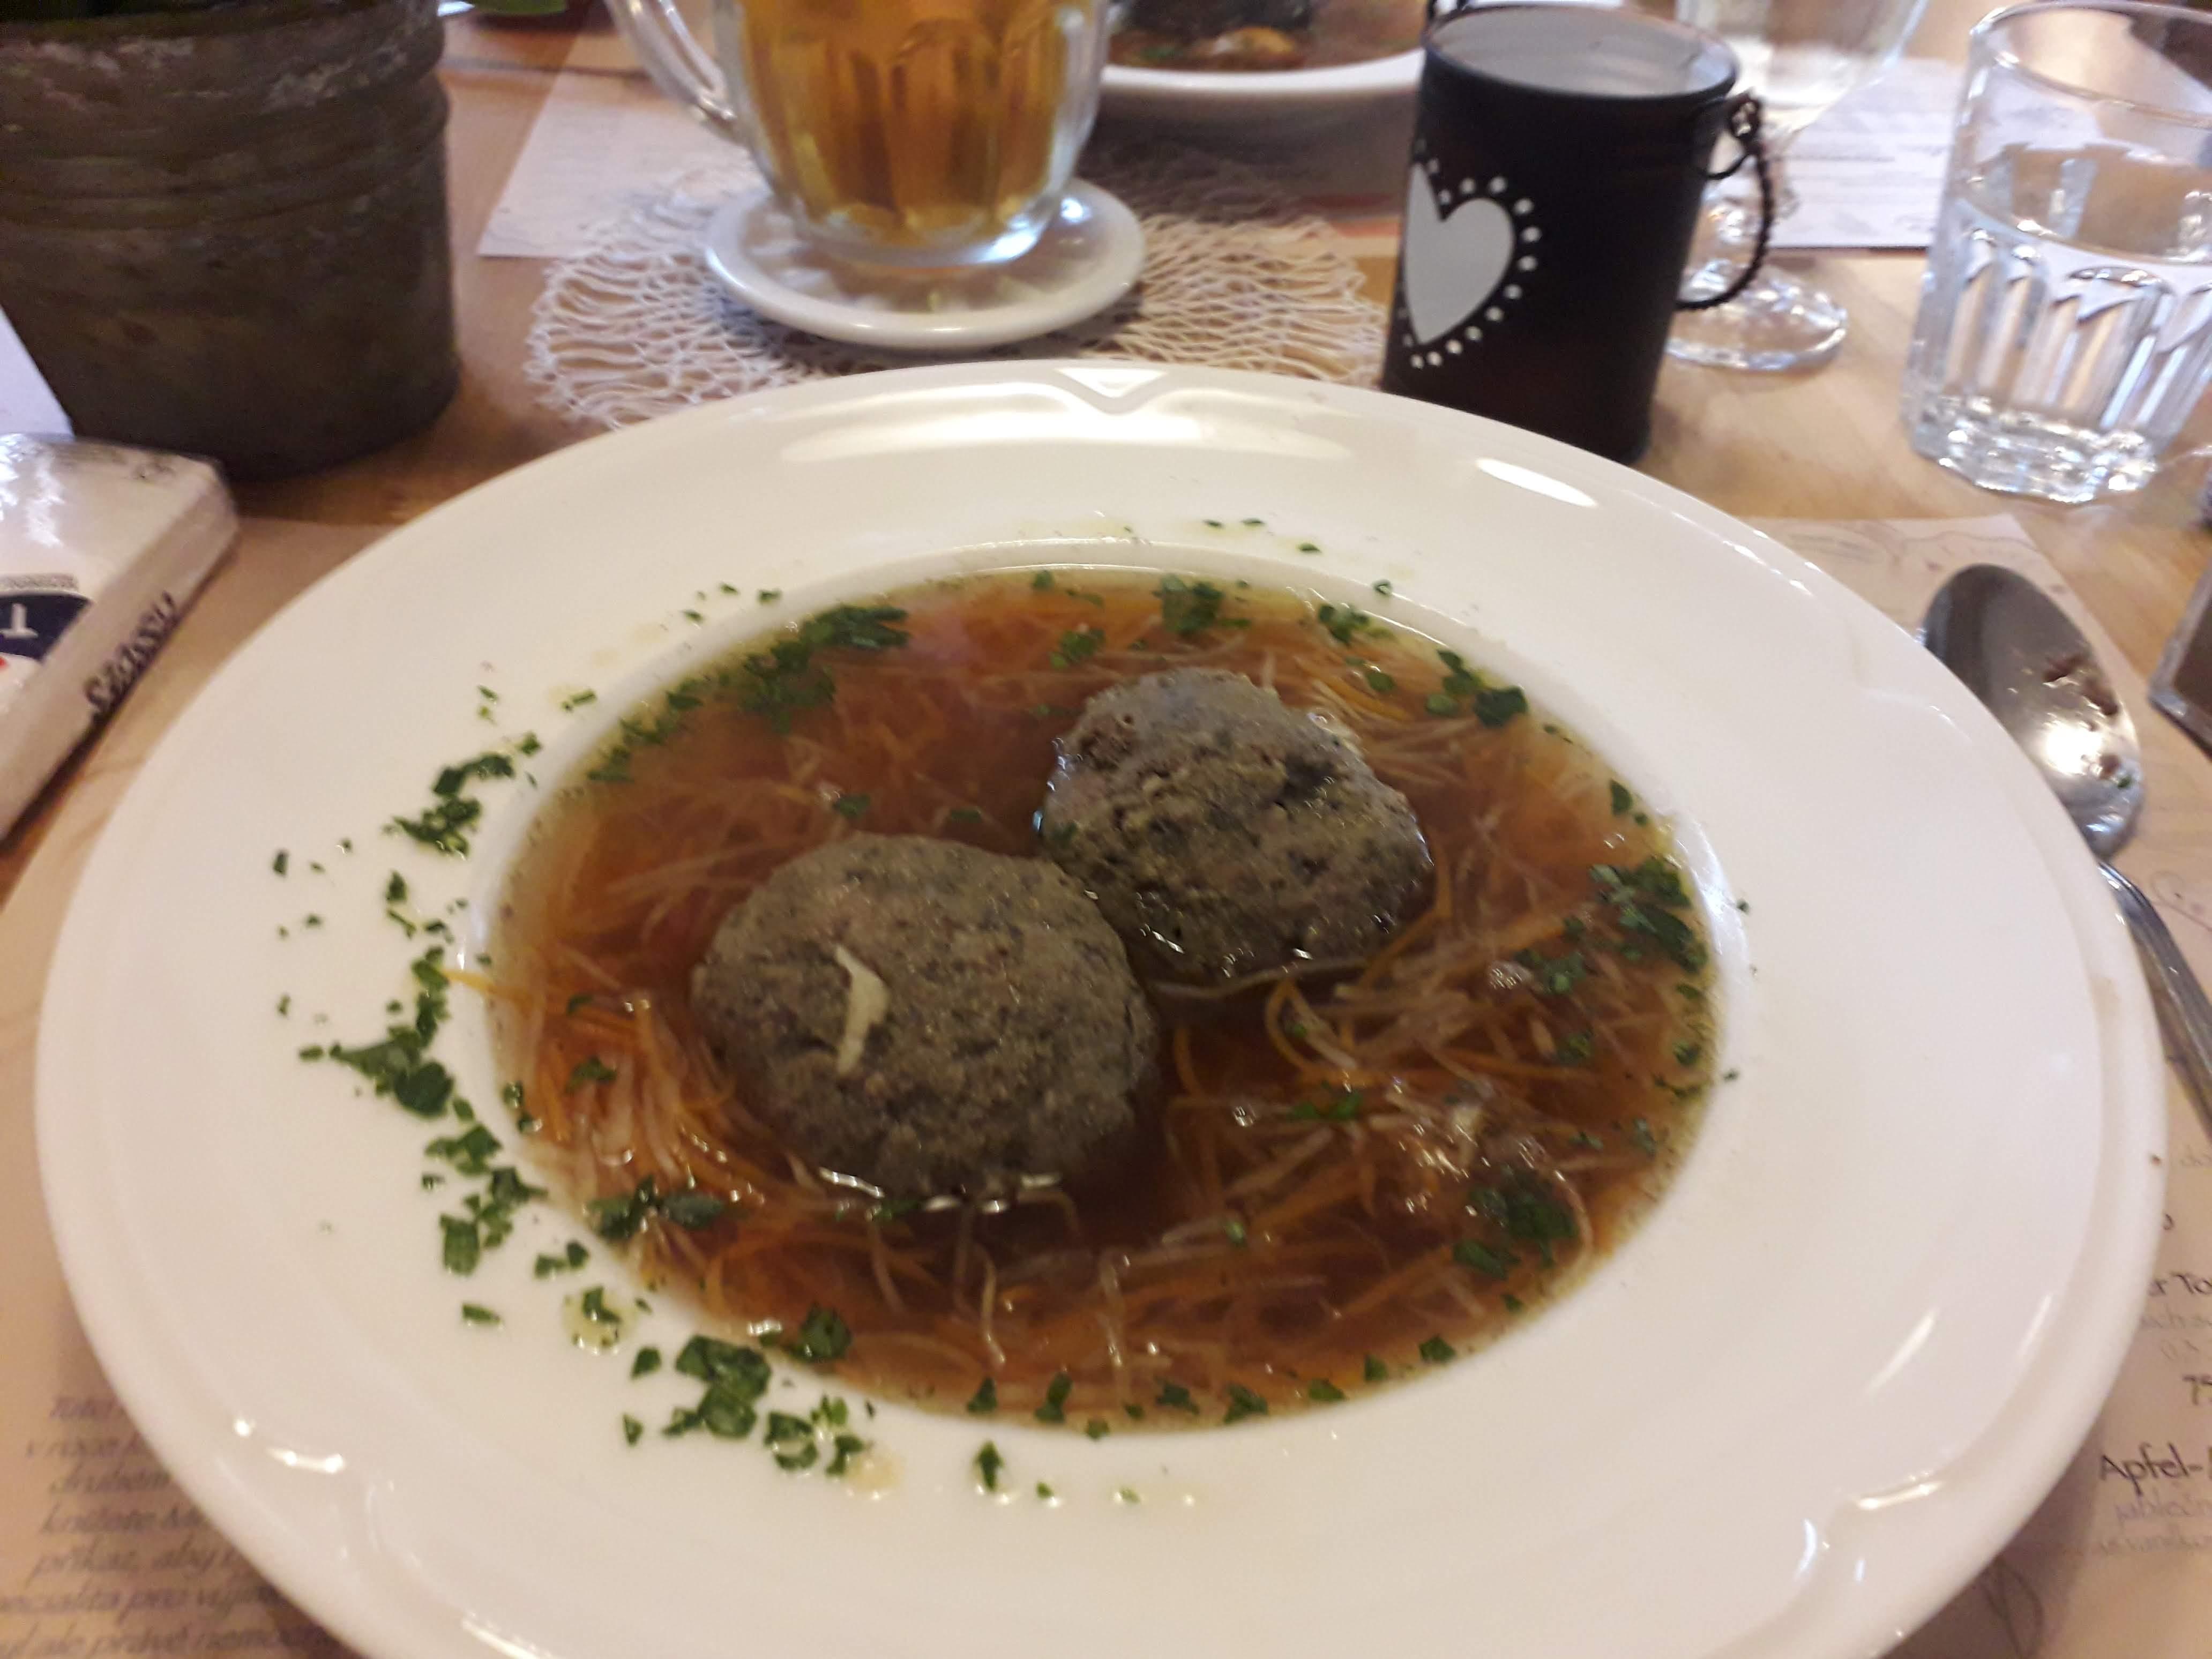 Hovězí polévka s rakouským játrovým knedlíkem